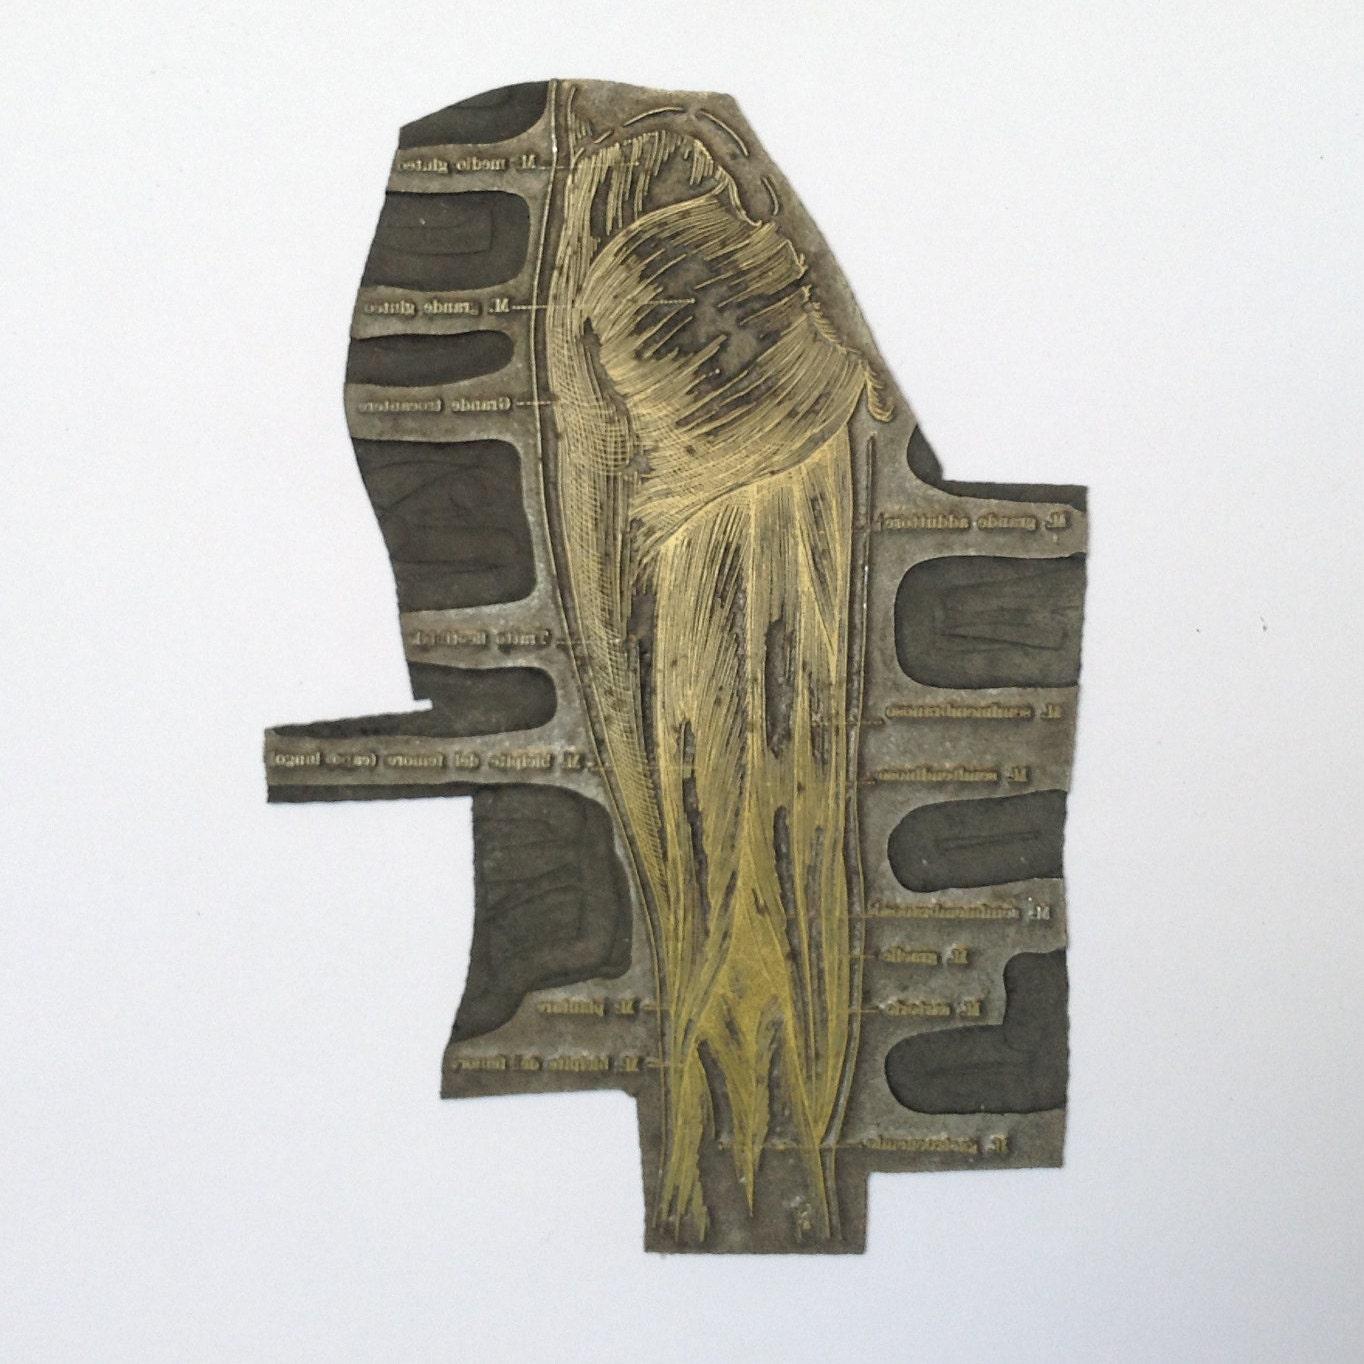 Cliché o matriz de Vintage imprimir anatomía pierna muslo